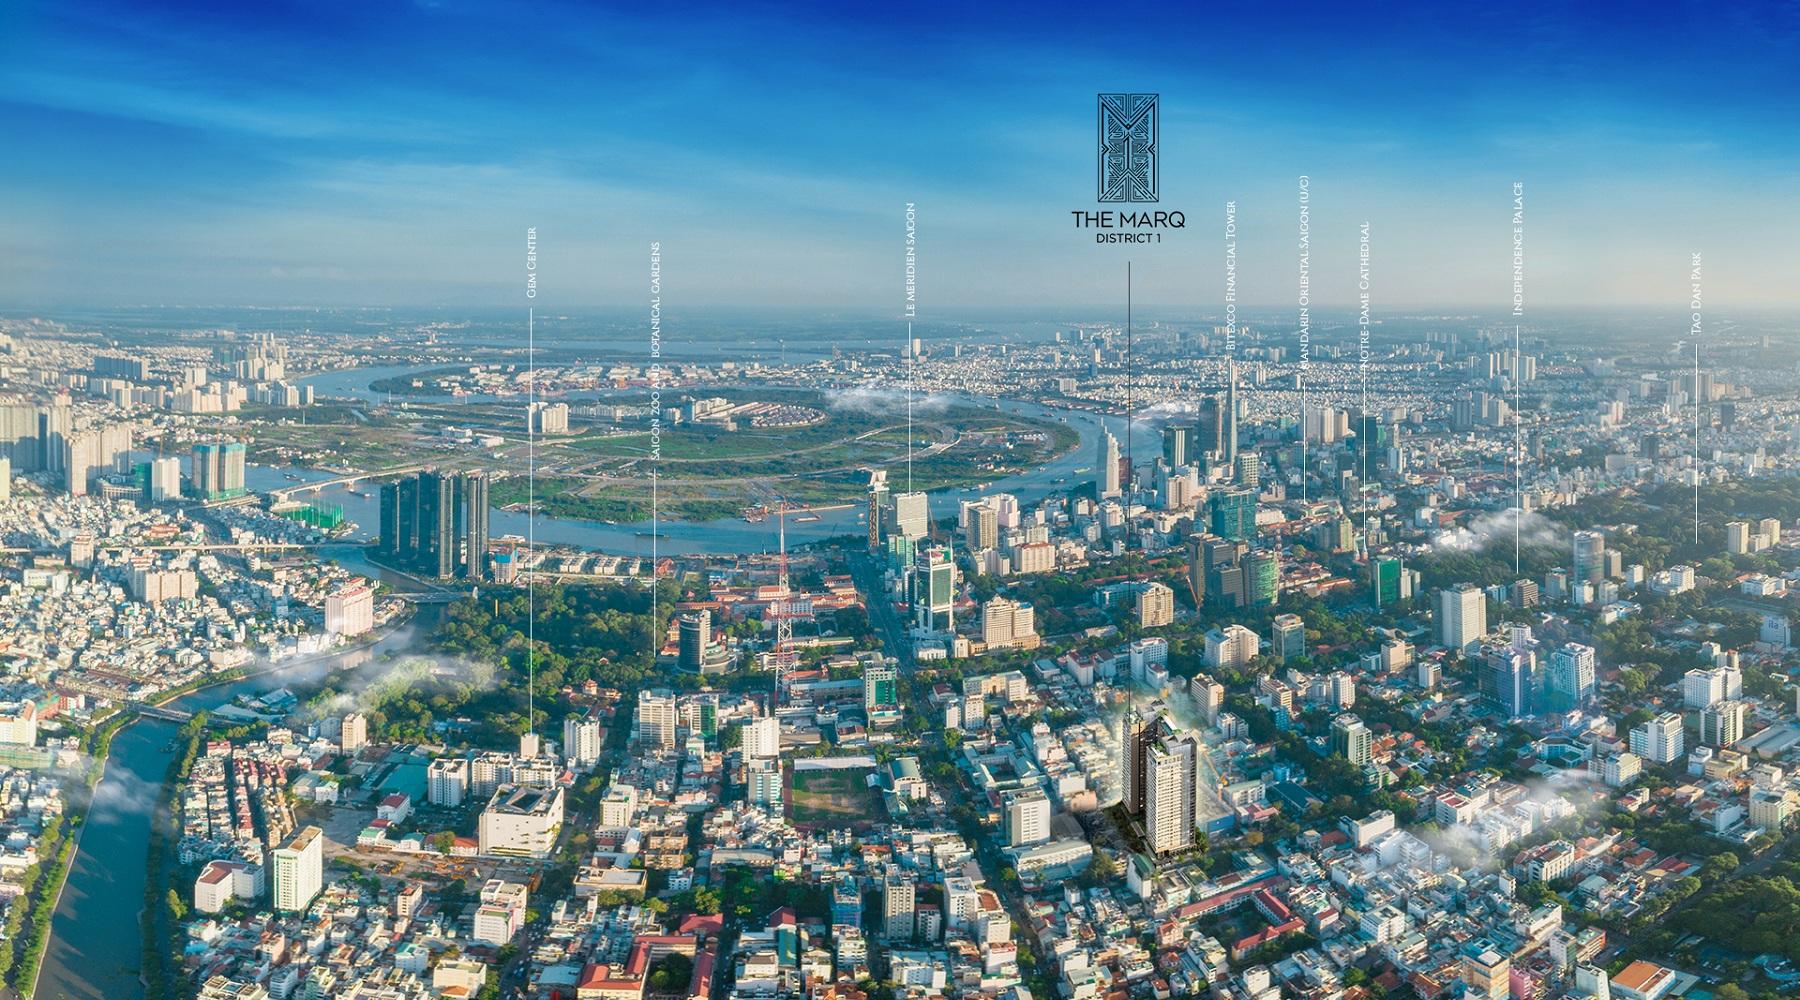 Siêu phẩm The MarQ mang dấu ấn Hongkong Land tại quận 1